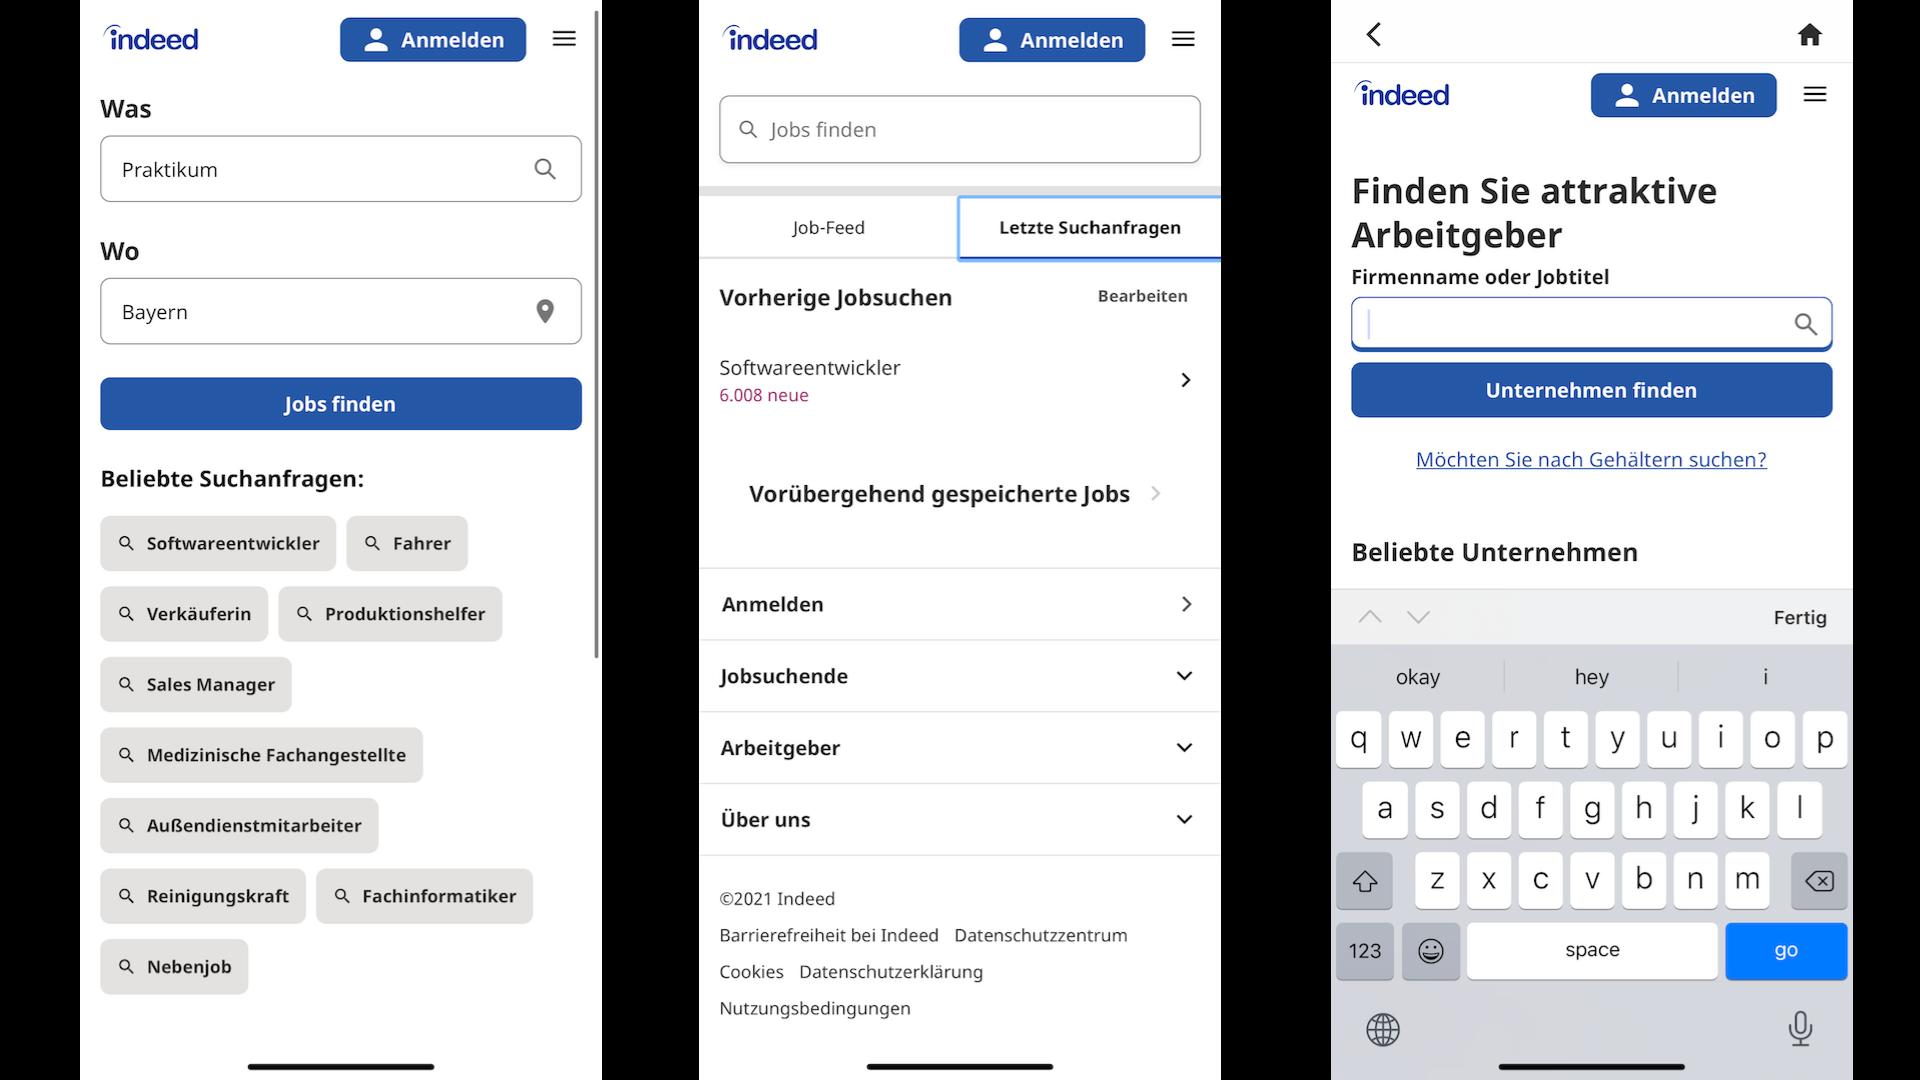 In der Indeed-App können Sie nach Stellen suchen und sich attraktive Arbeitgeber anzeigen lassen.